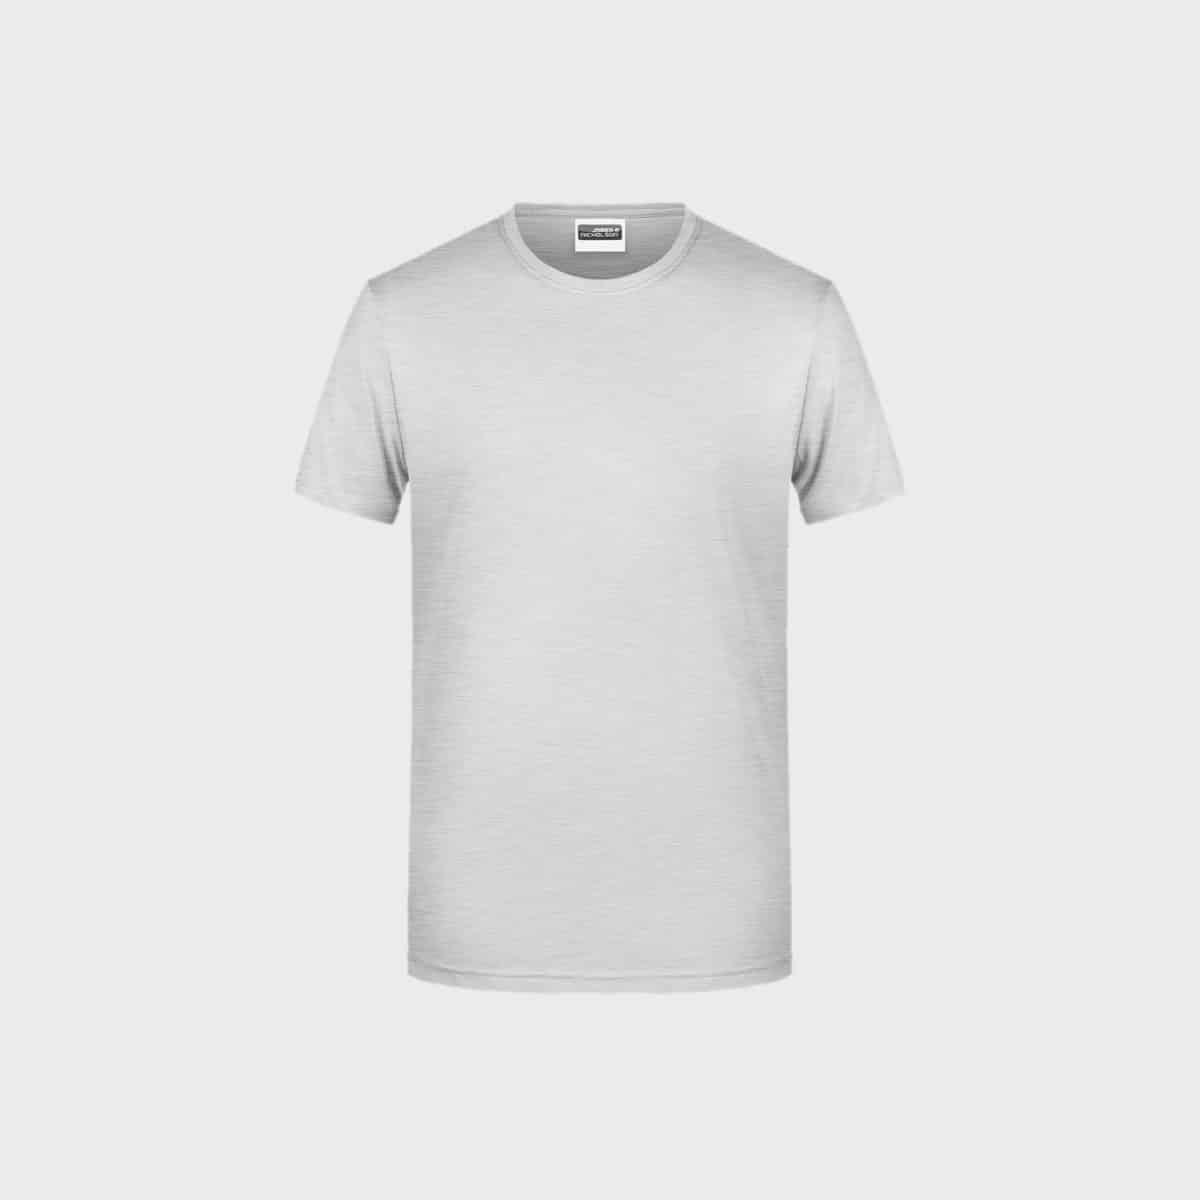 t-shirt-men-classic-bio-cotton-kaufen-besticken_stickmanufaktur